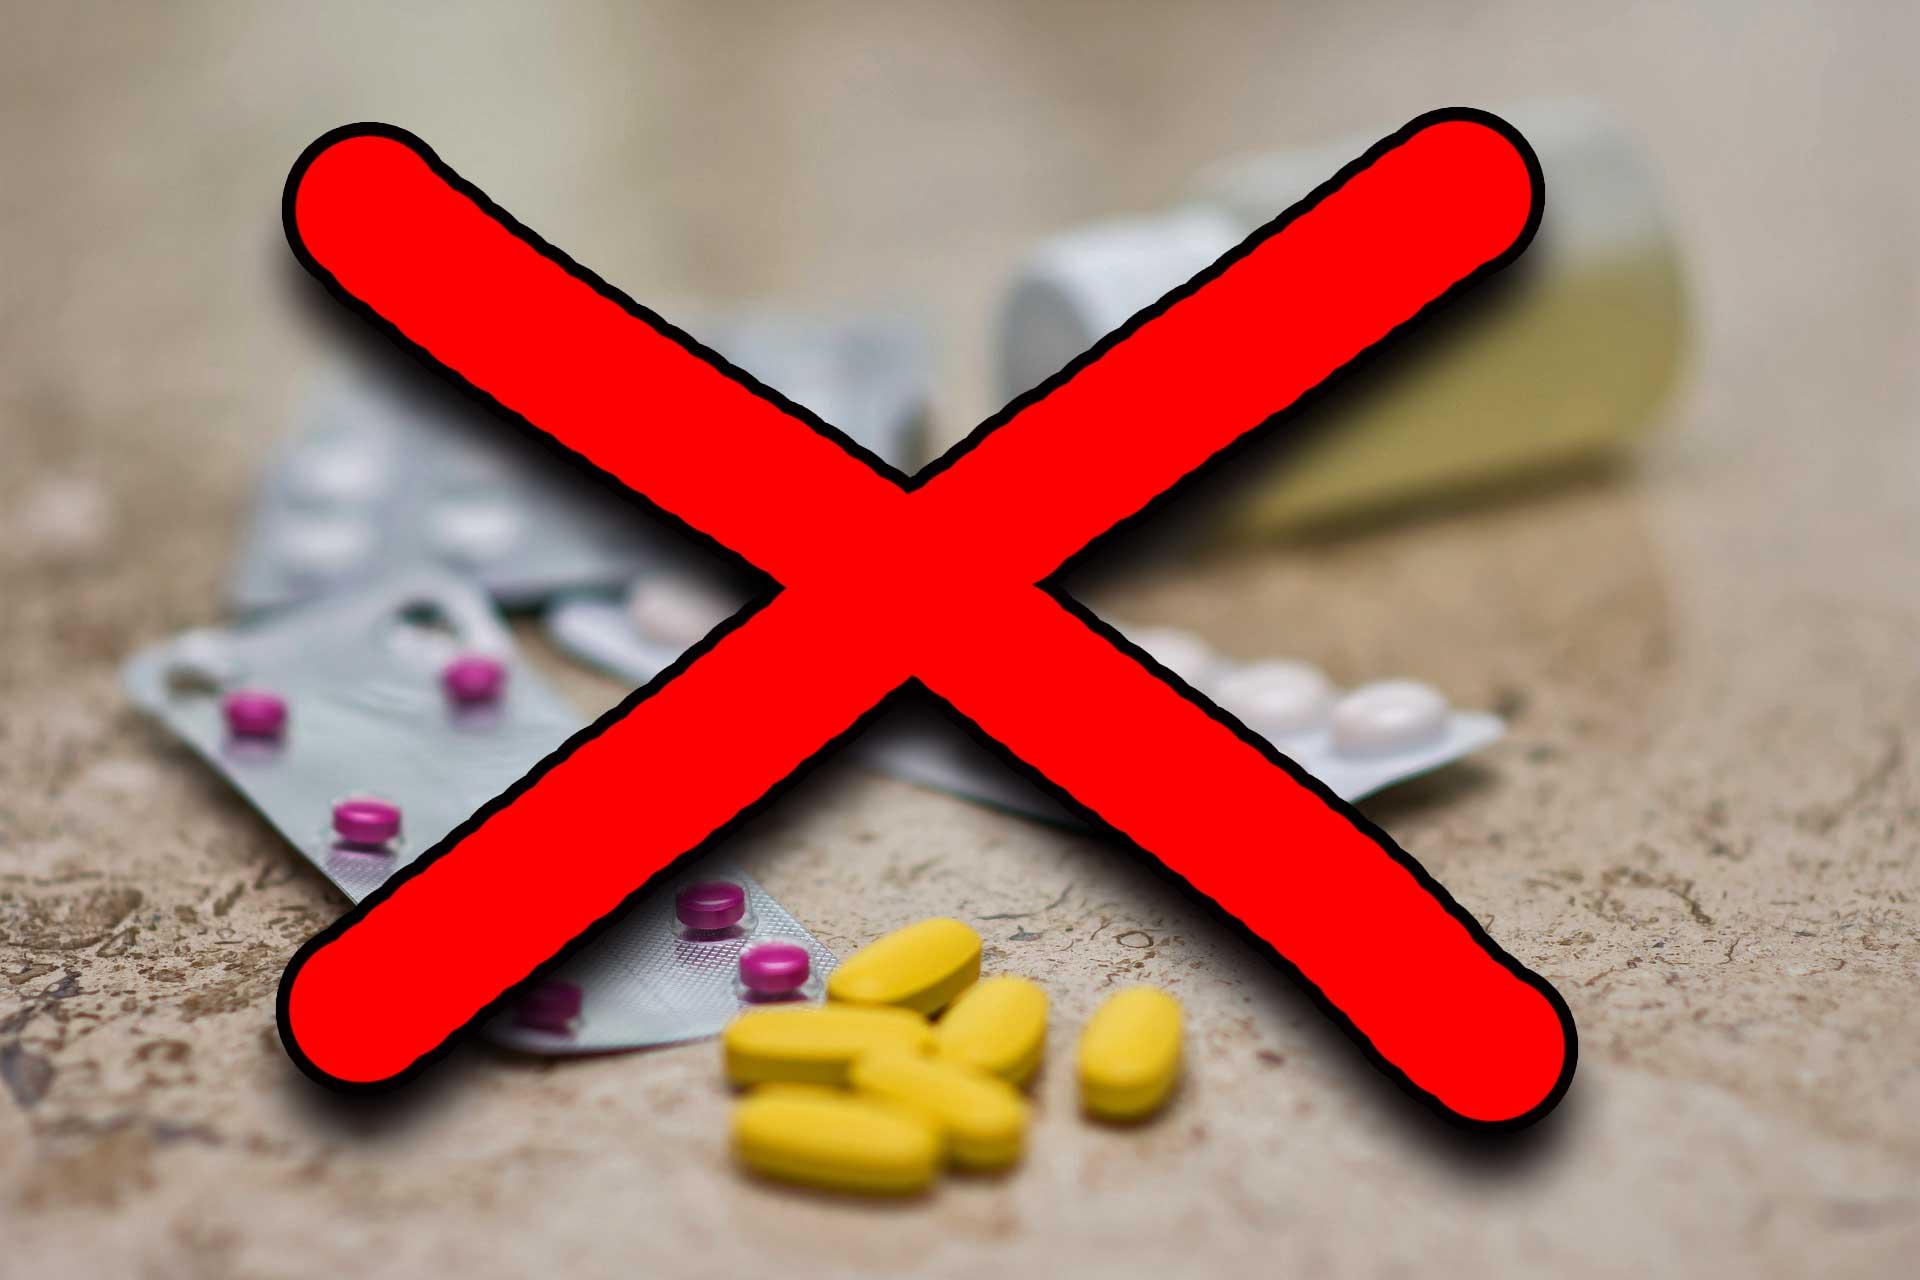 薬剤不使用